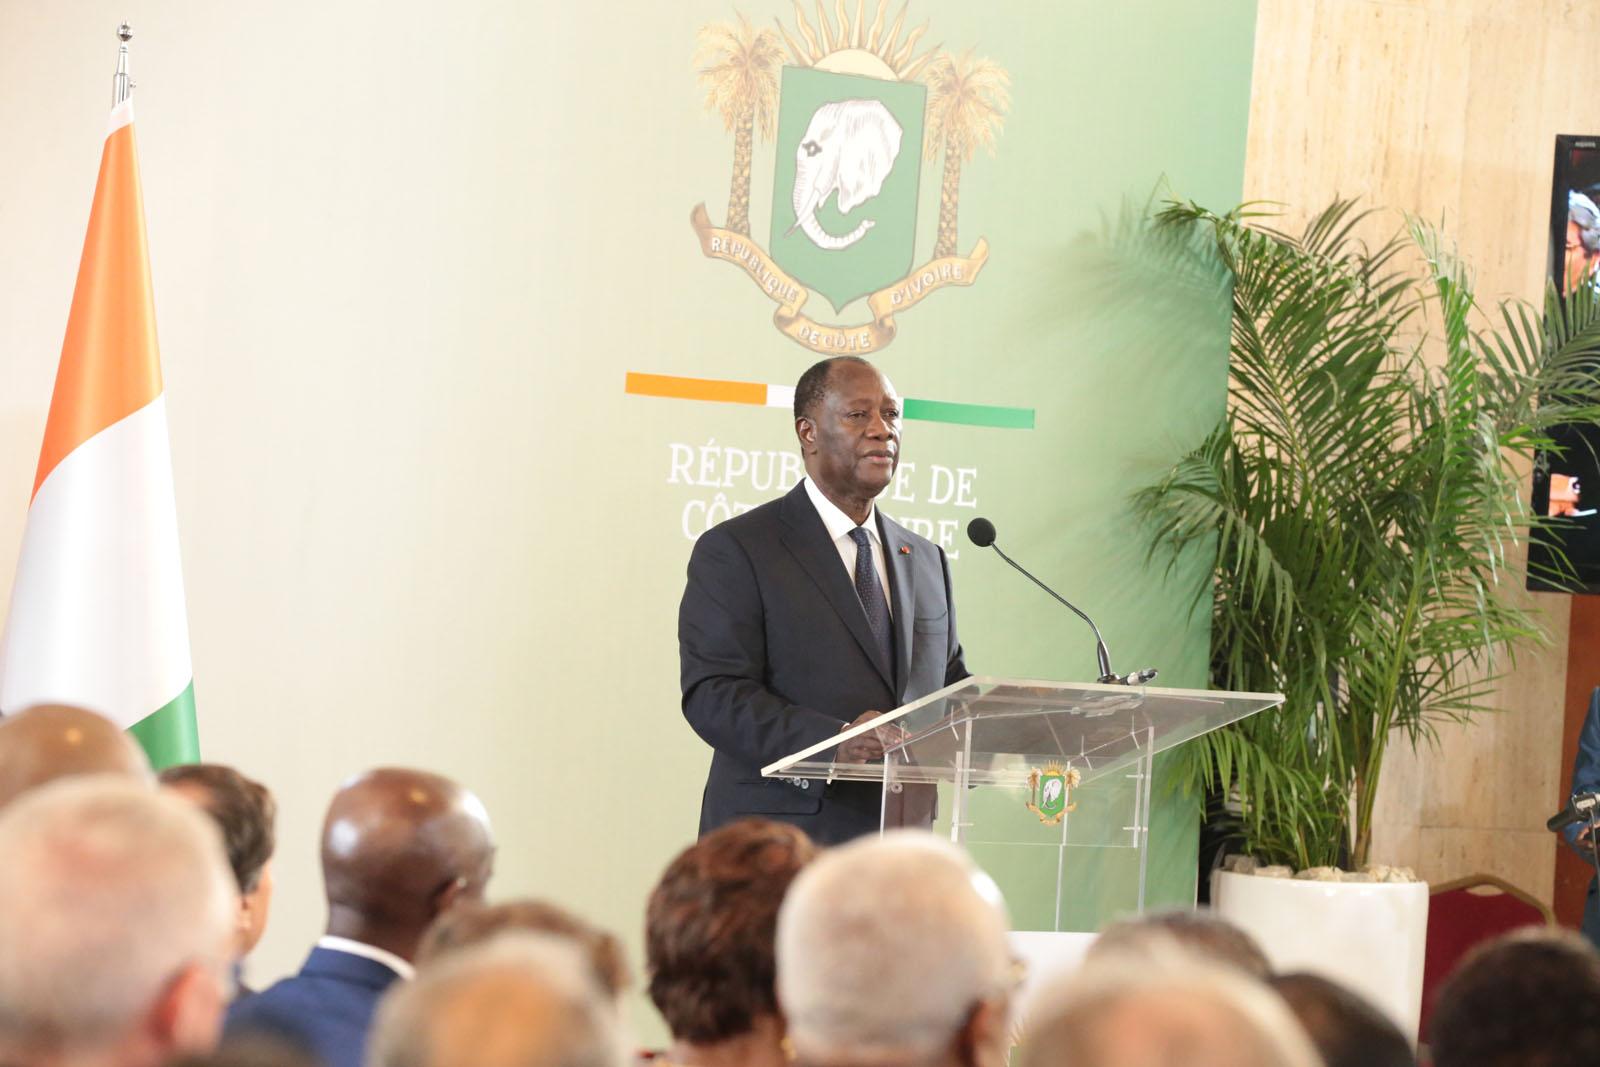 Le Chef de l'Etat a reçu les voeux de nouvel an des Corps constitués.